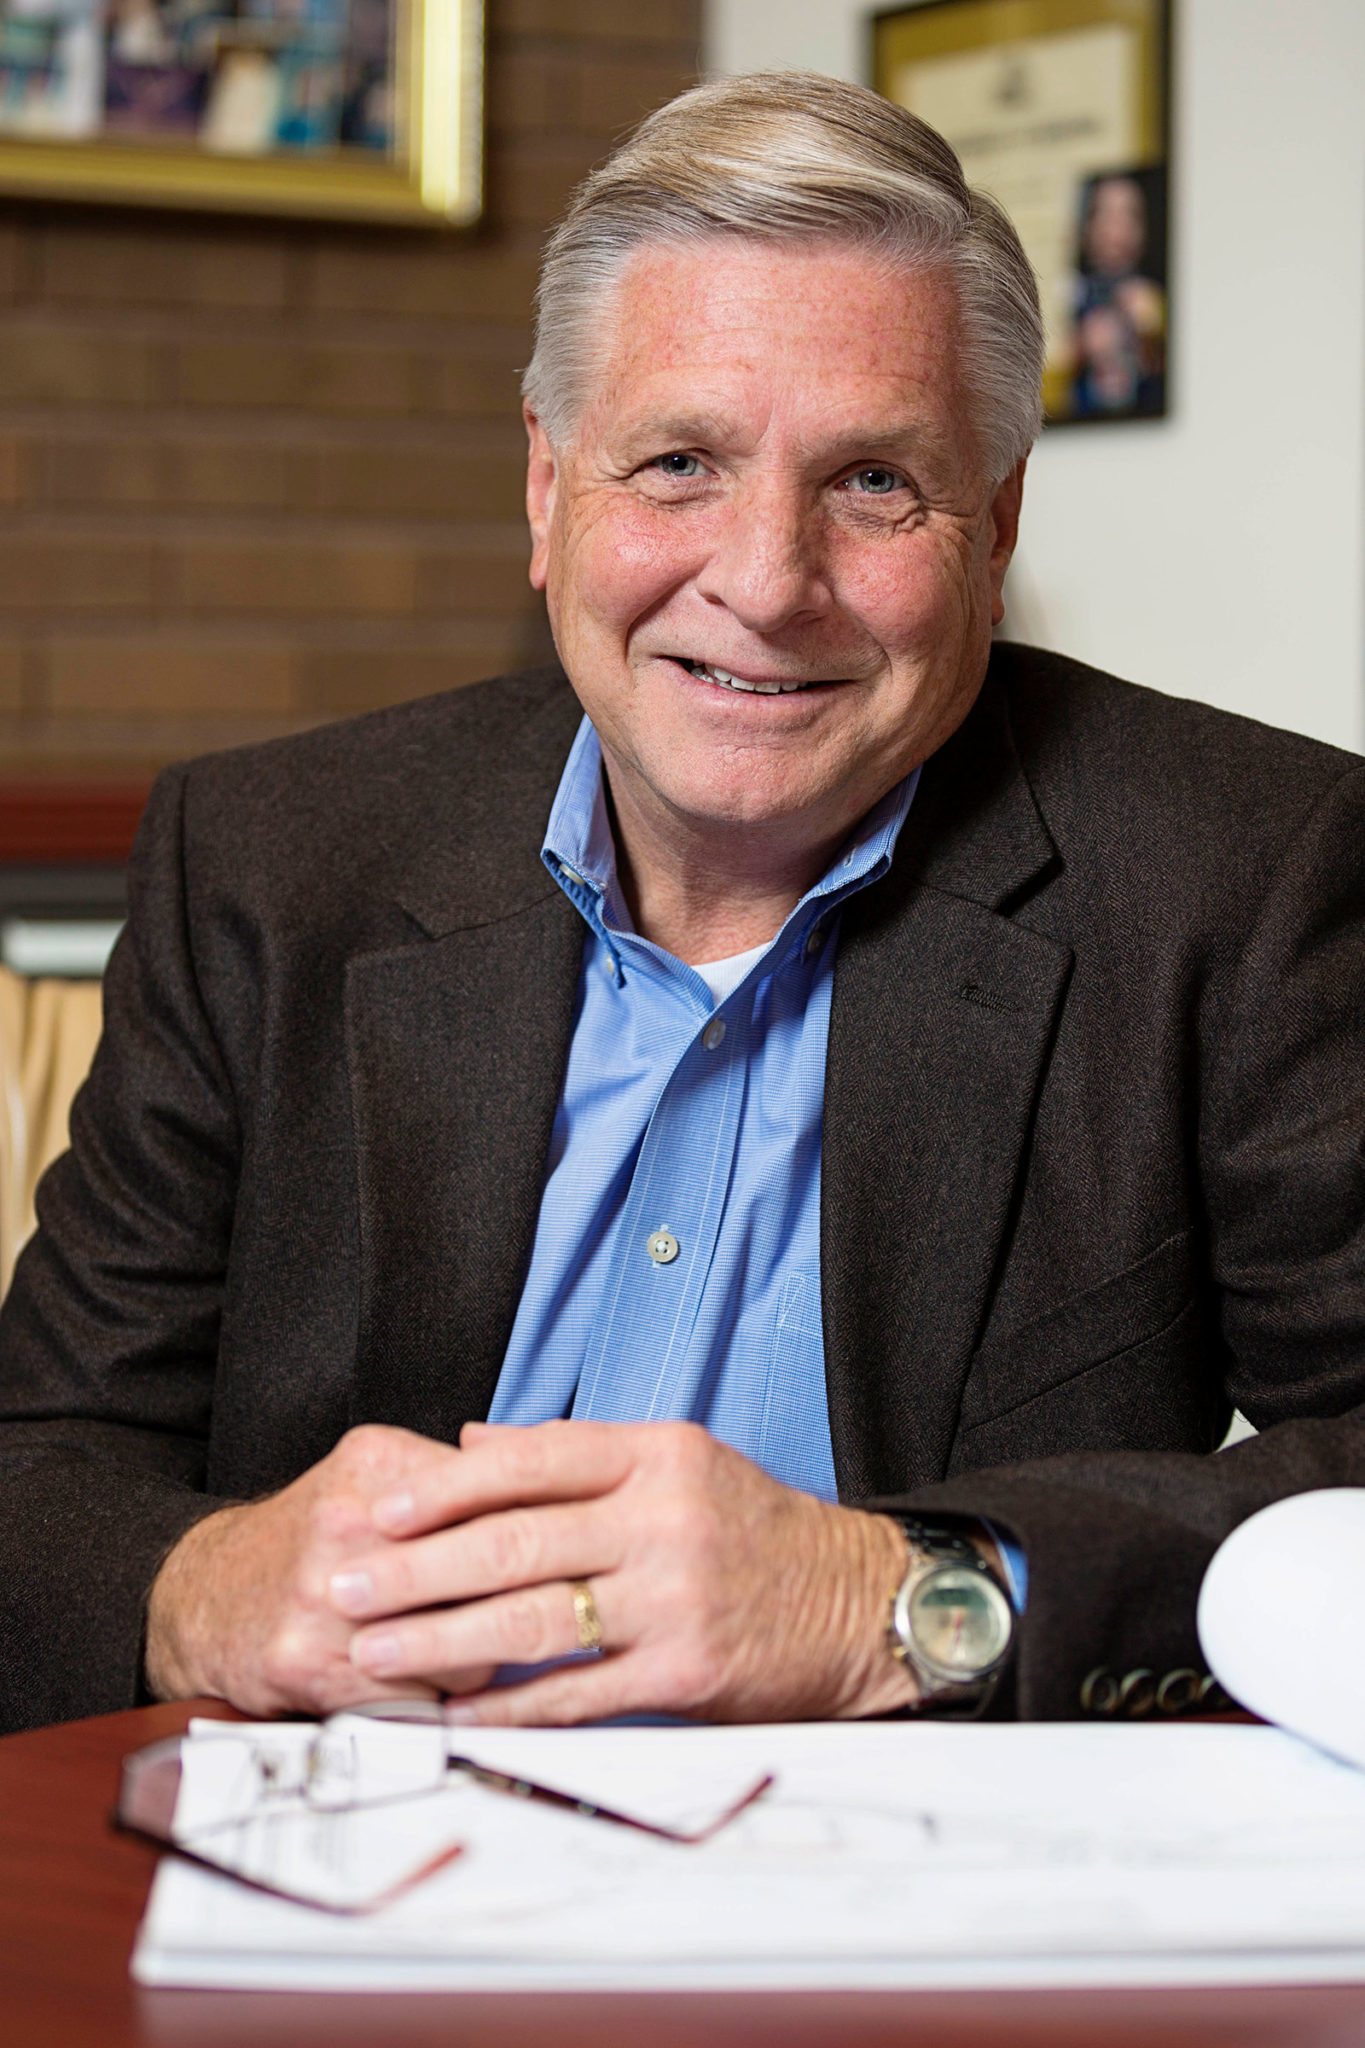 Michael J. Doerfler, PE